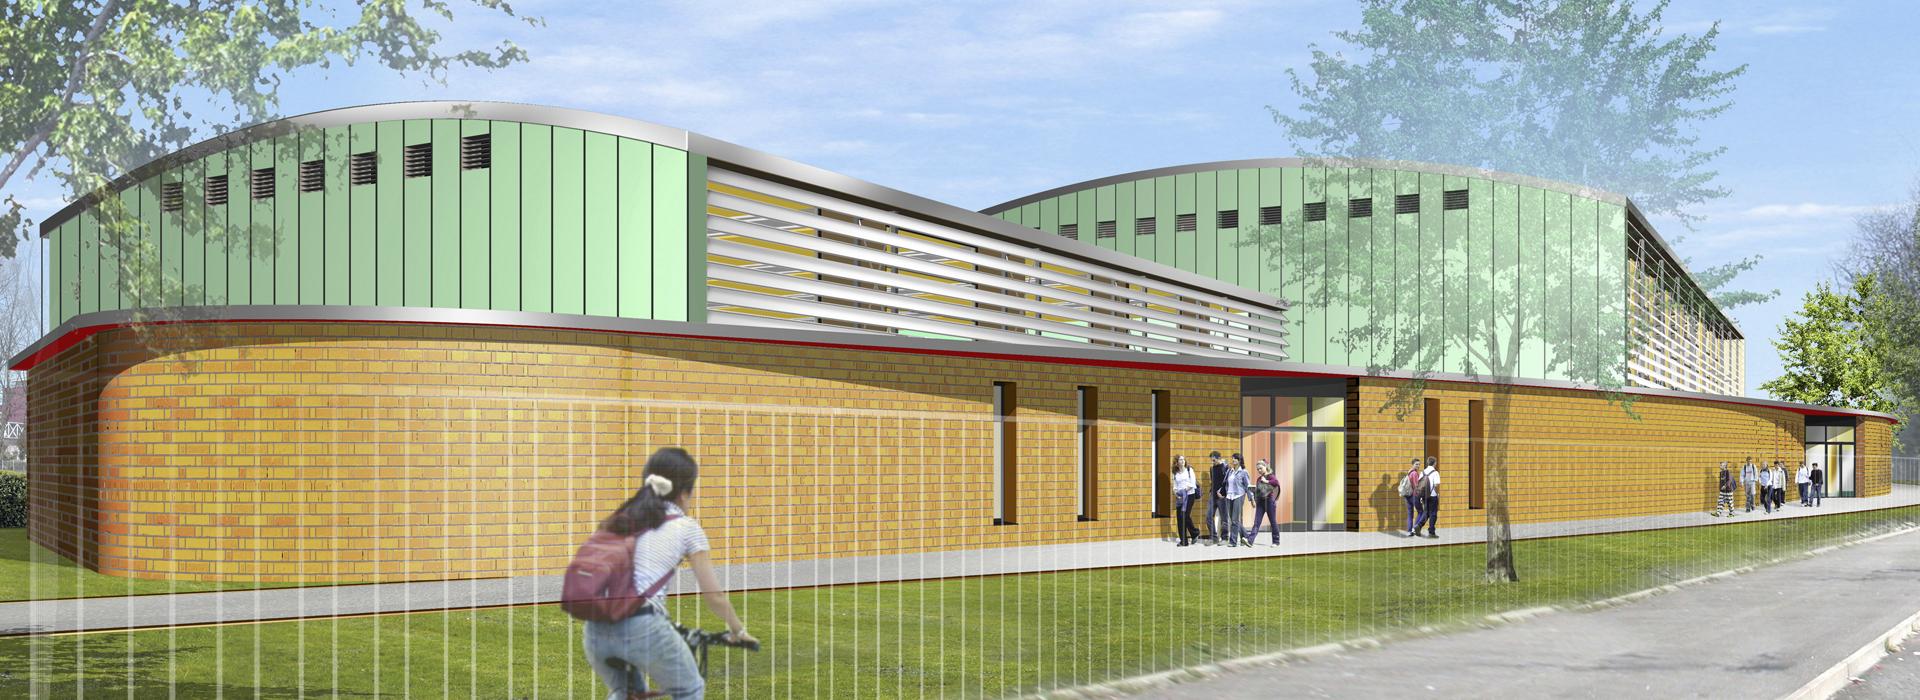 Construction gymnase Colmar salle de sport